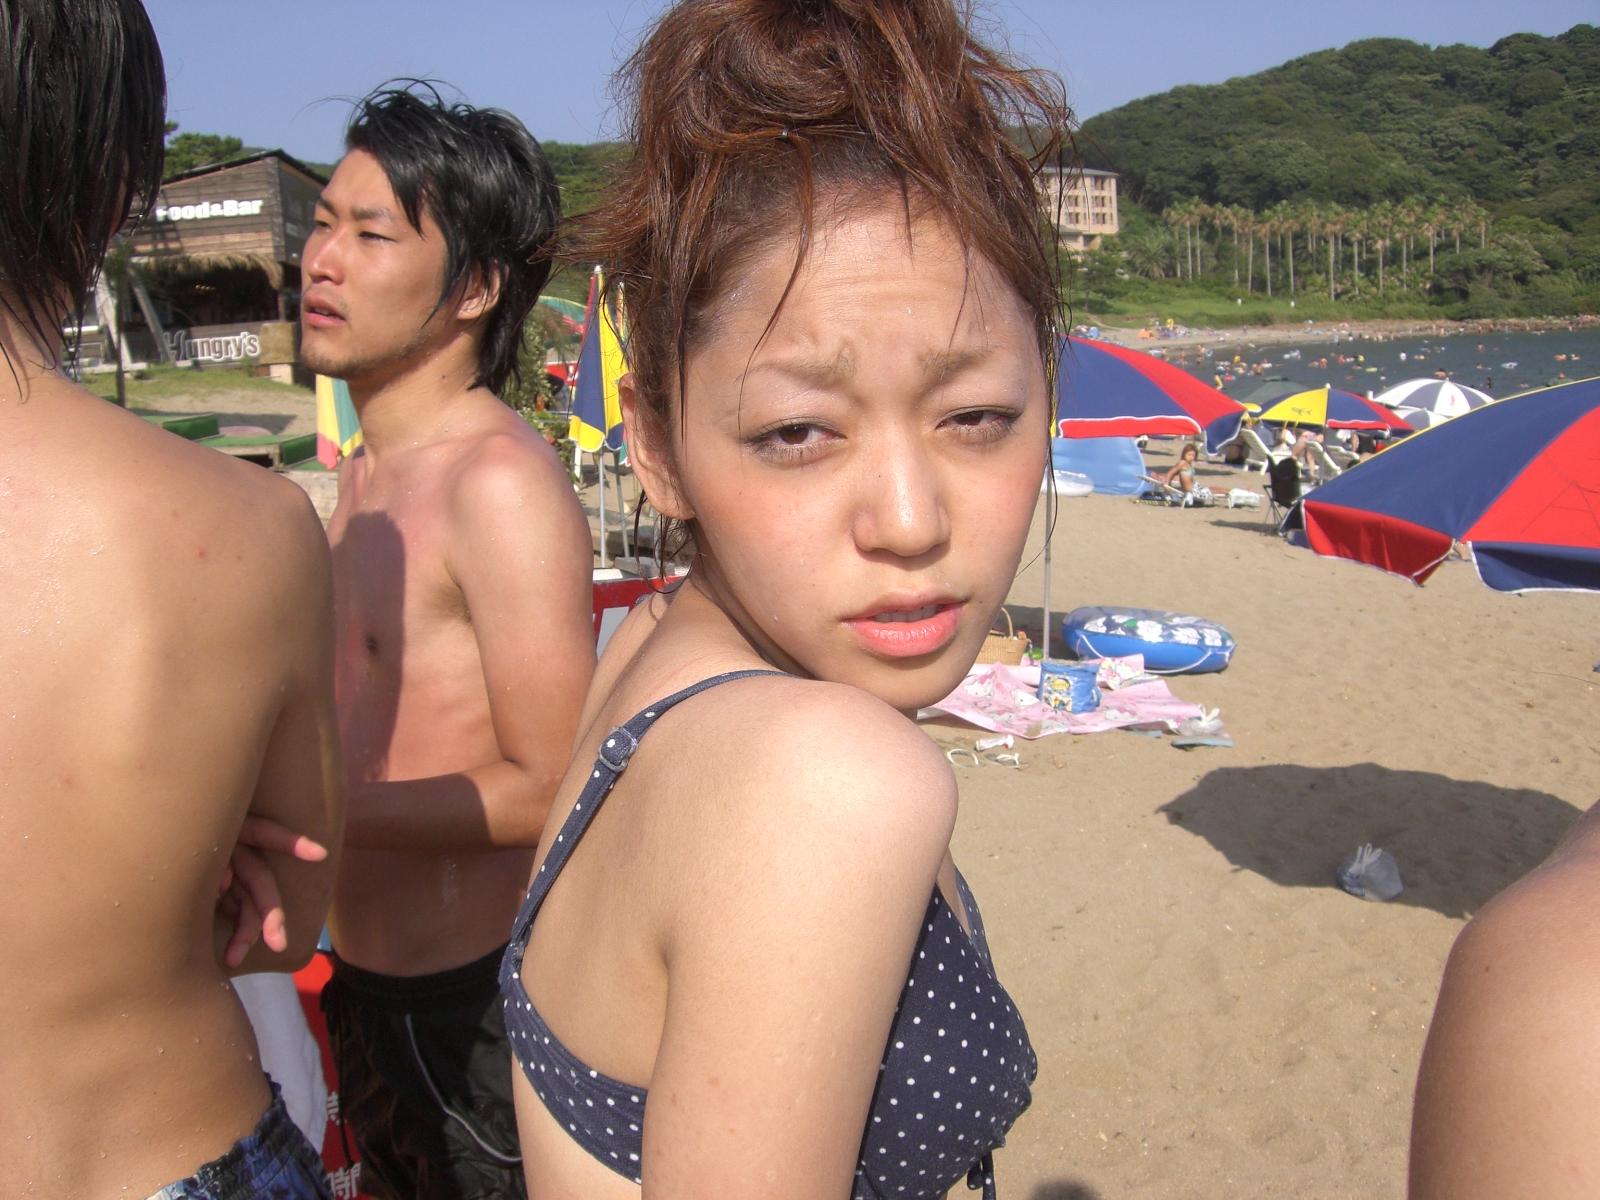 素人女性の水着フェチ☆3->画像>1253枚